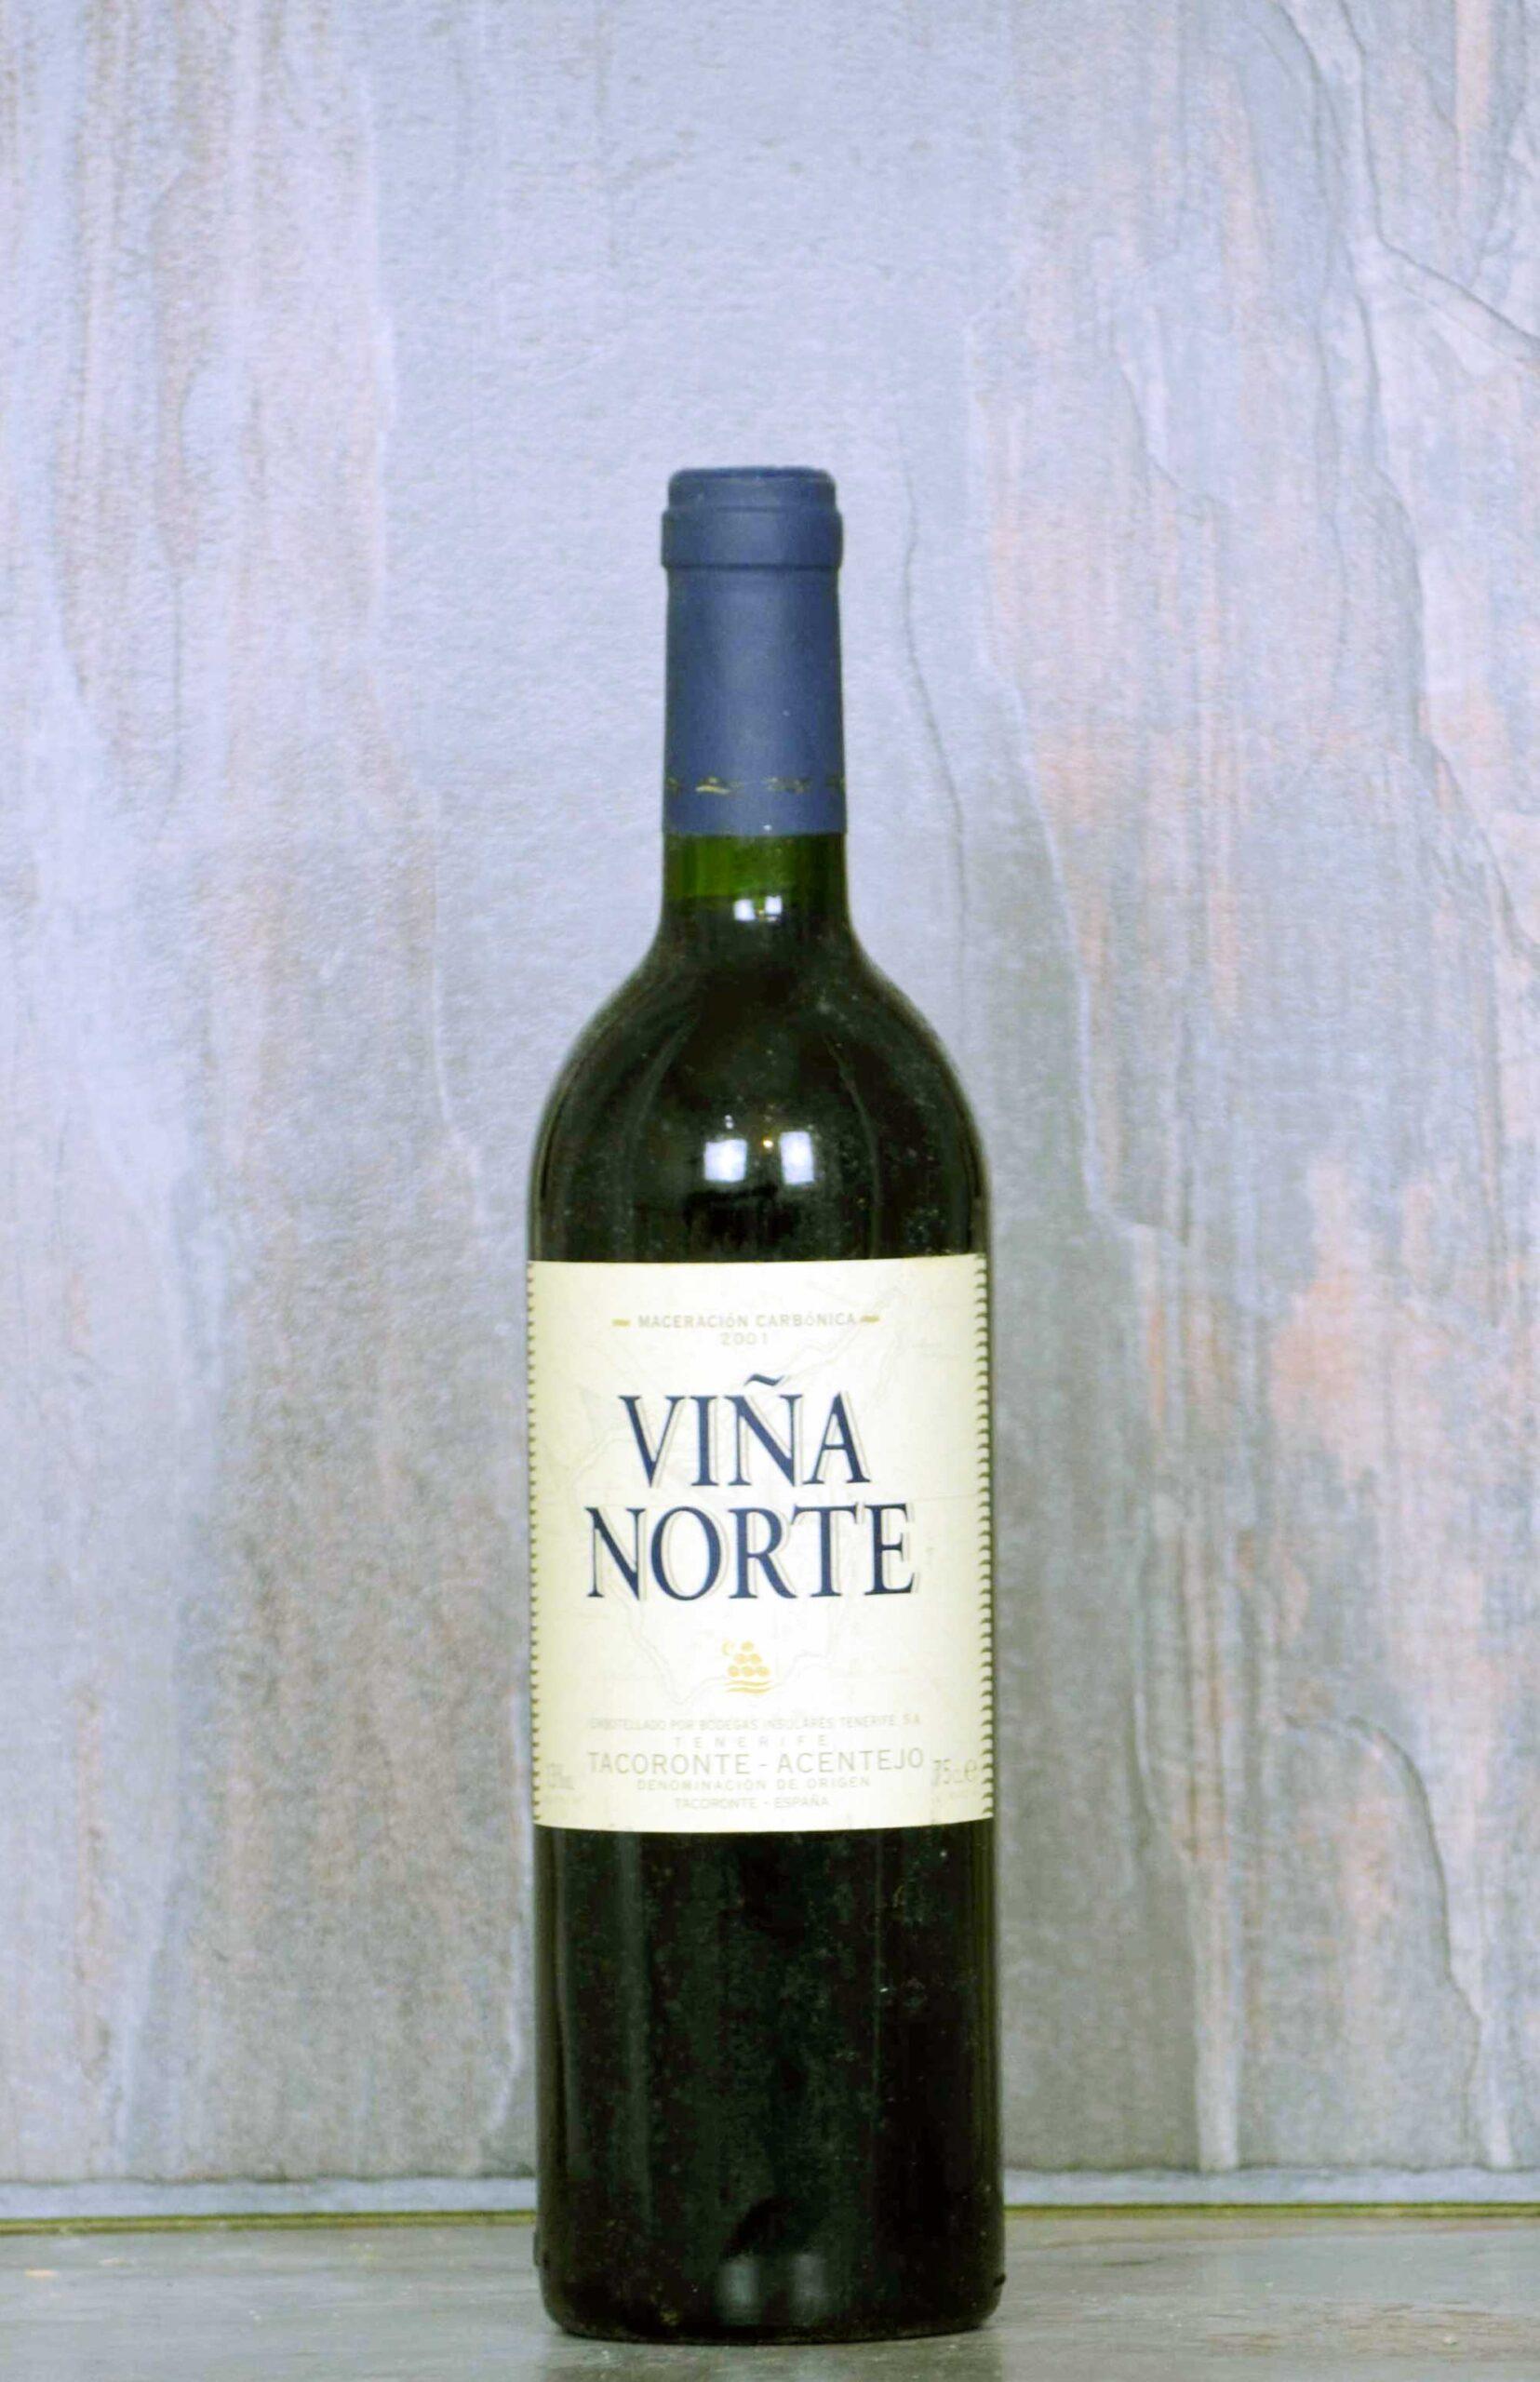 Viña Norte 2001